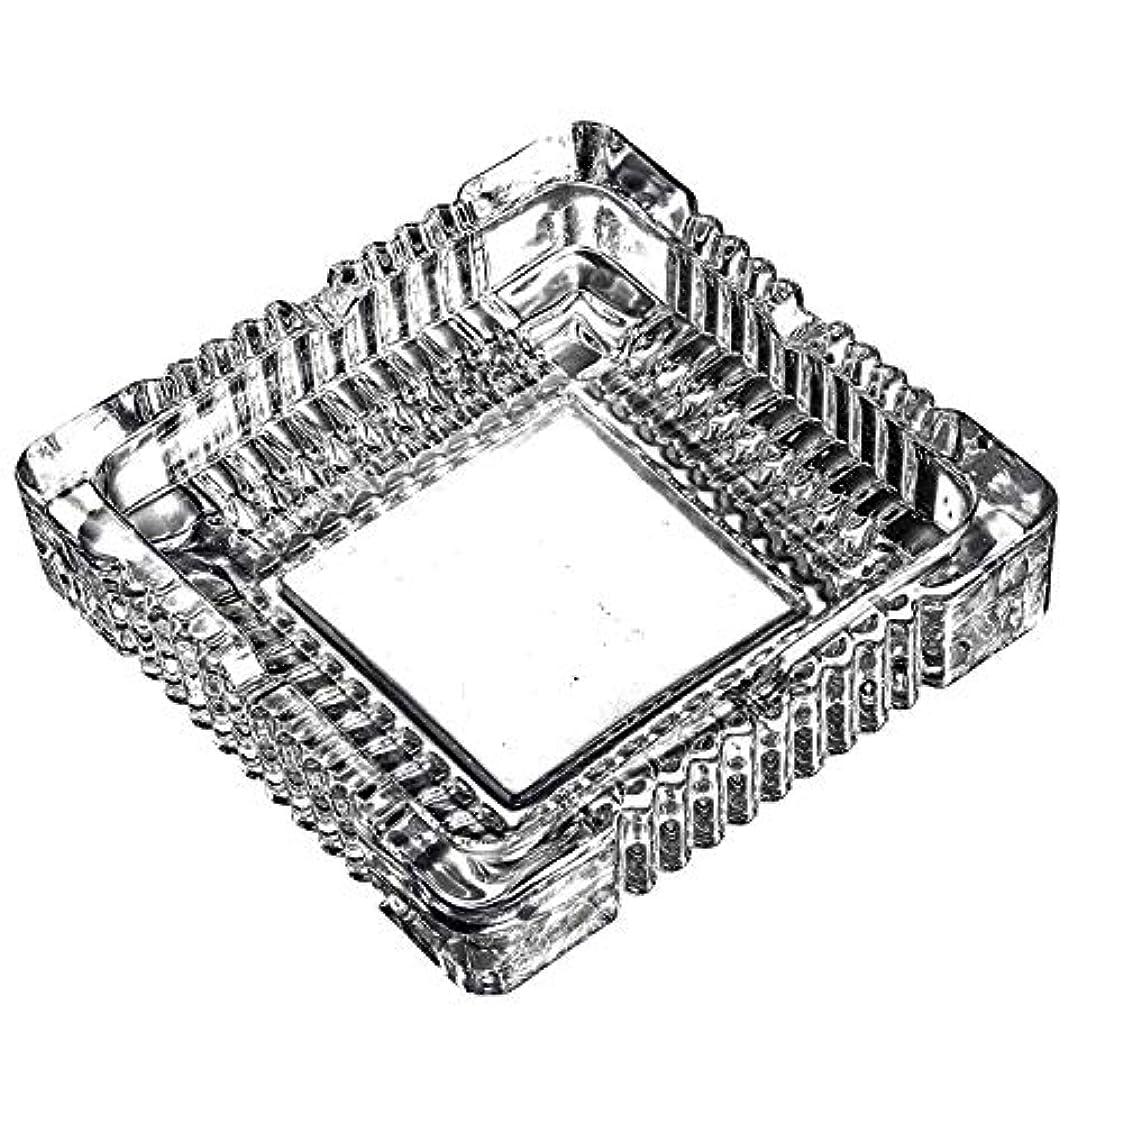 ロック病的電気クリスタルラージクラシックスクエア灰皿5.9インチx 5.9インチ